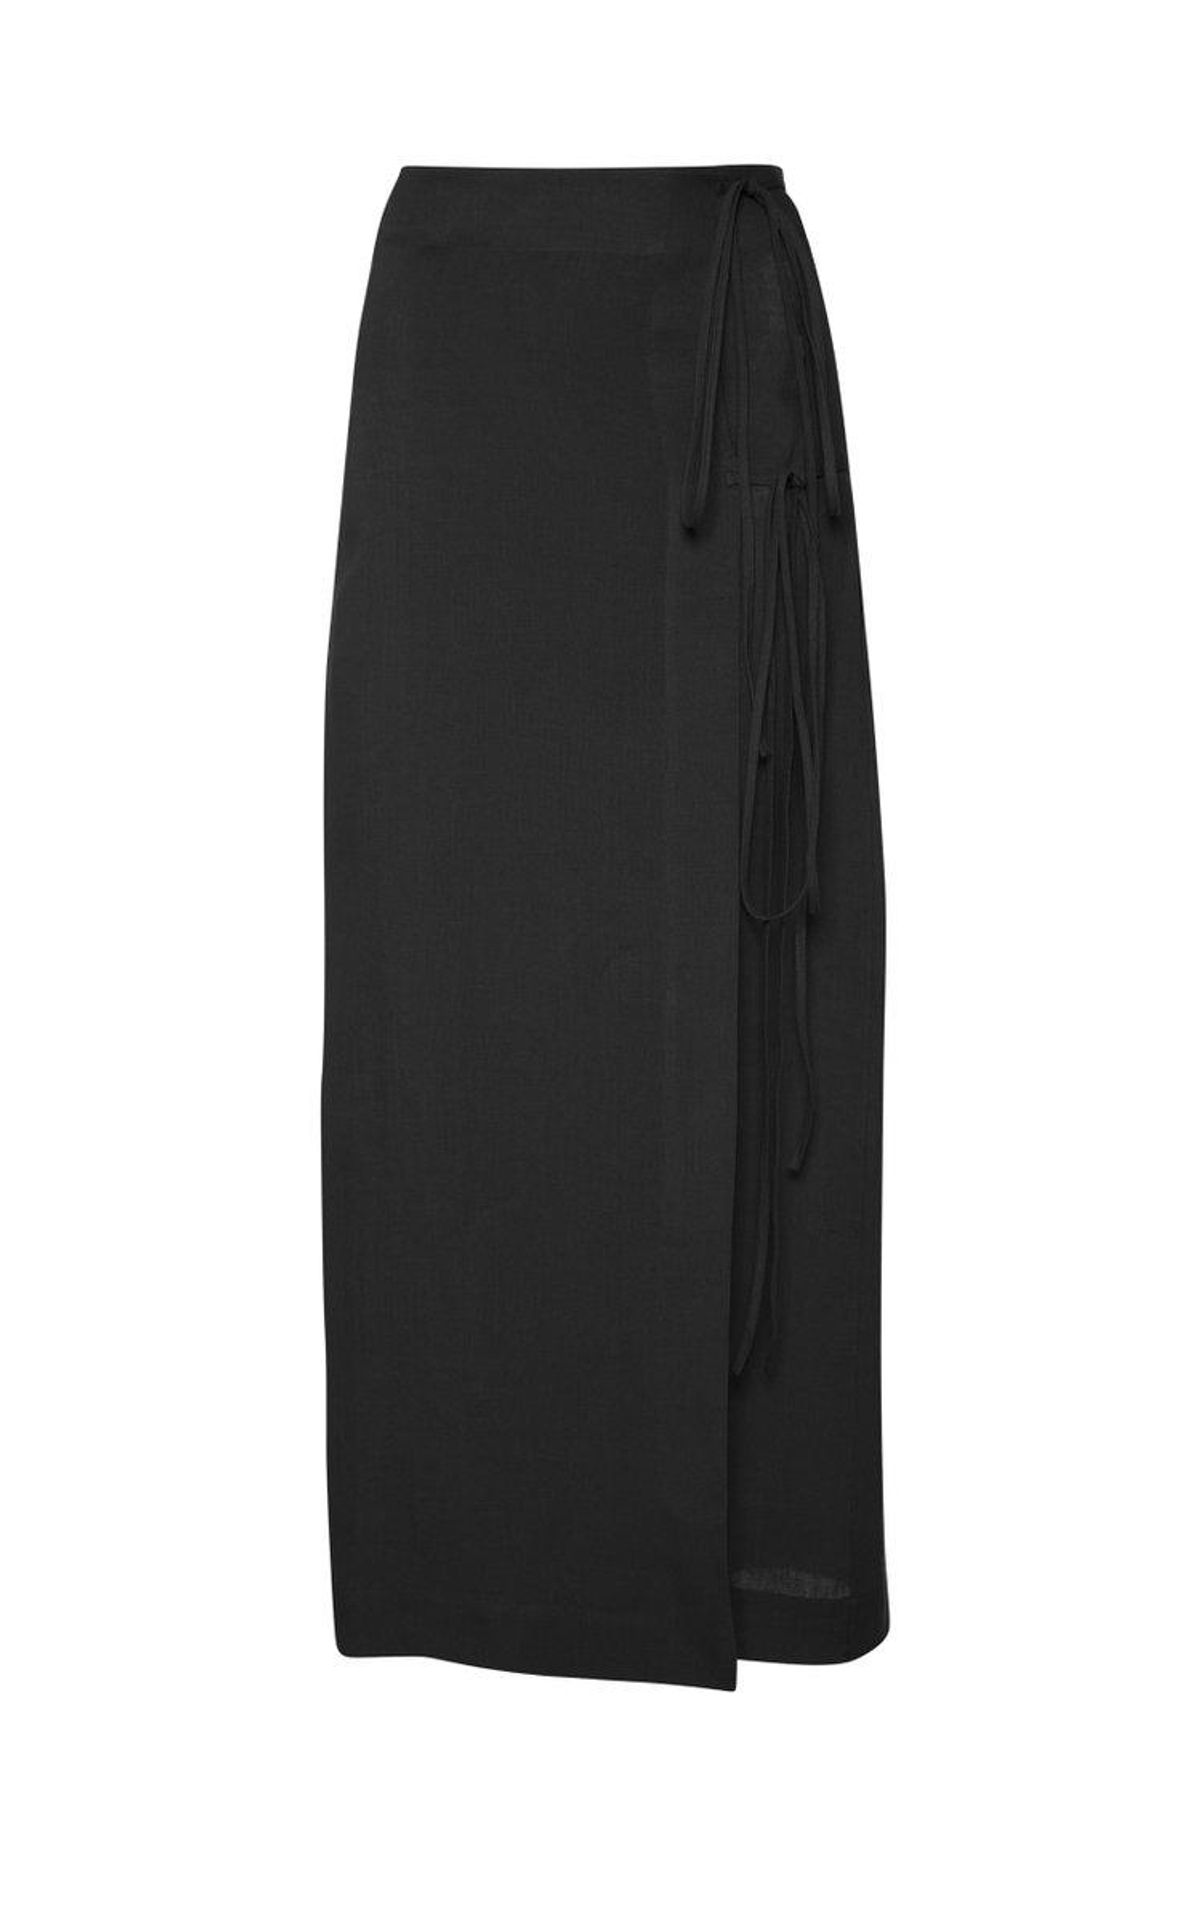 Rouleau Linen Wrap Skirt